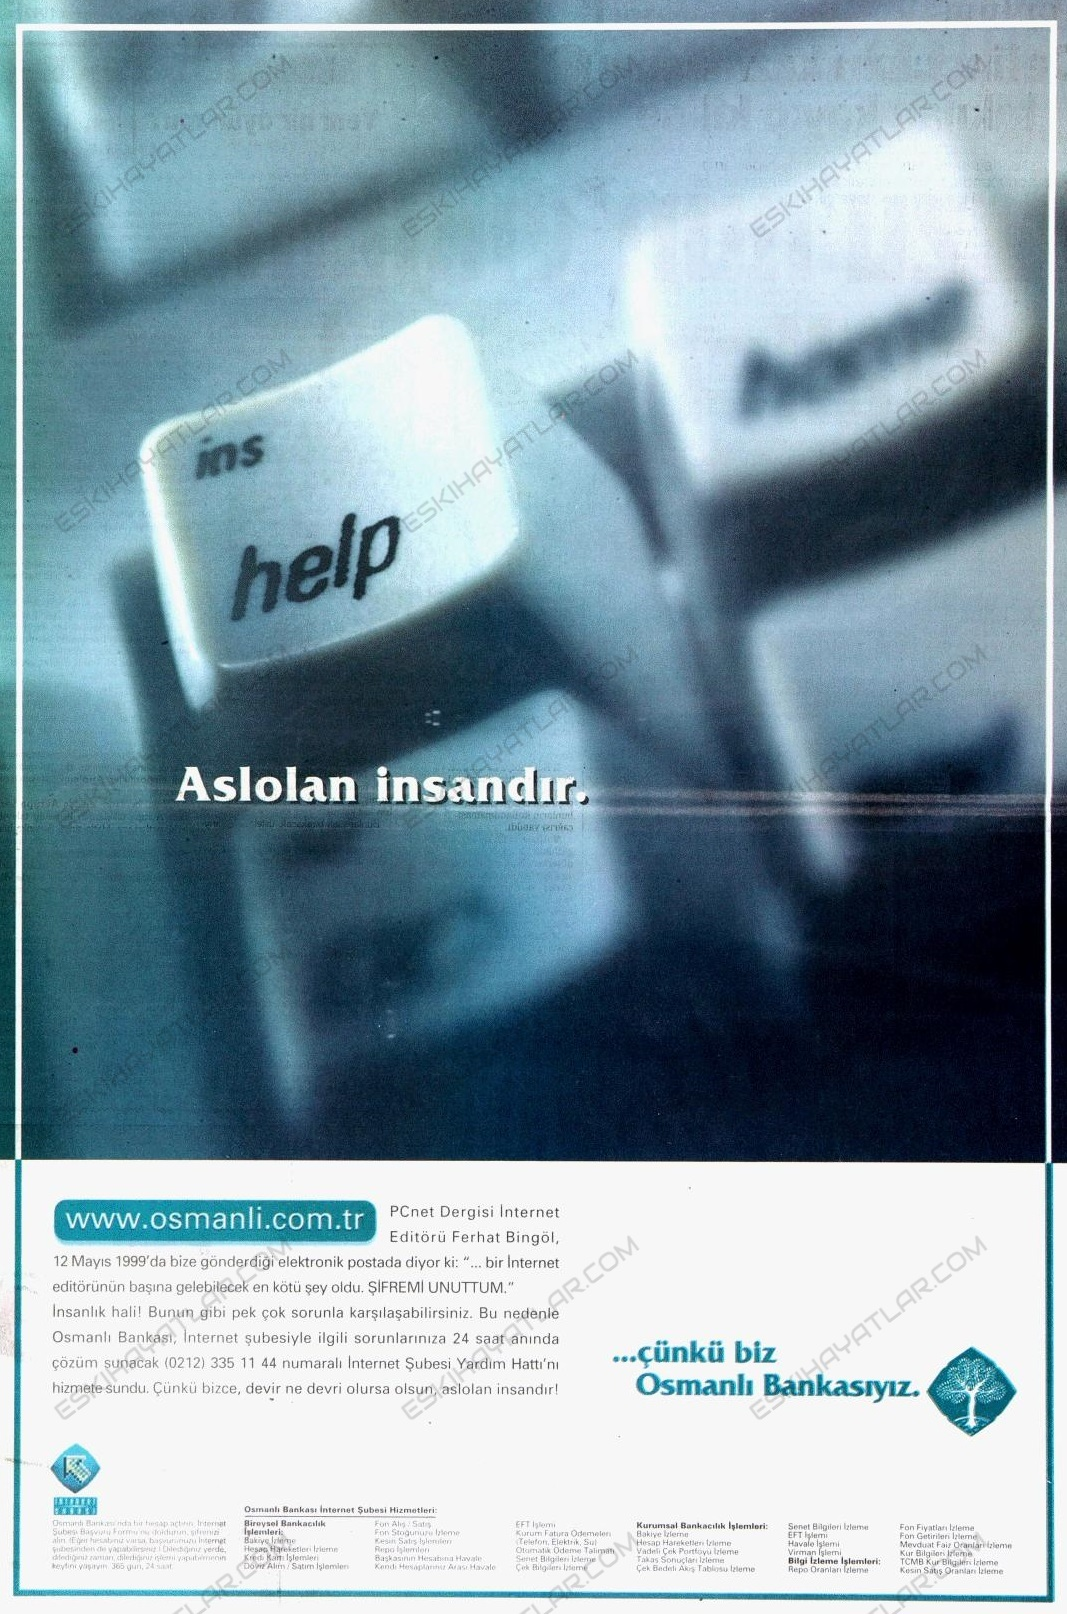 internet-ulkemize-ne-zaman-geldi-turkiyede-internet-25-yasinda (57)